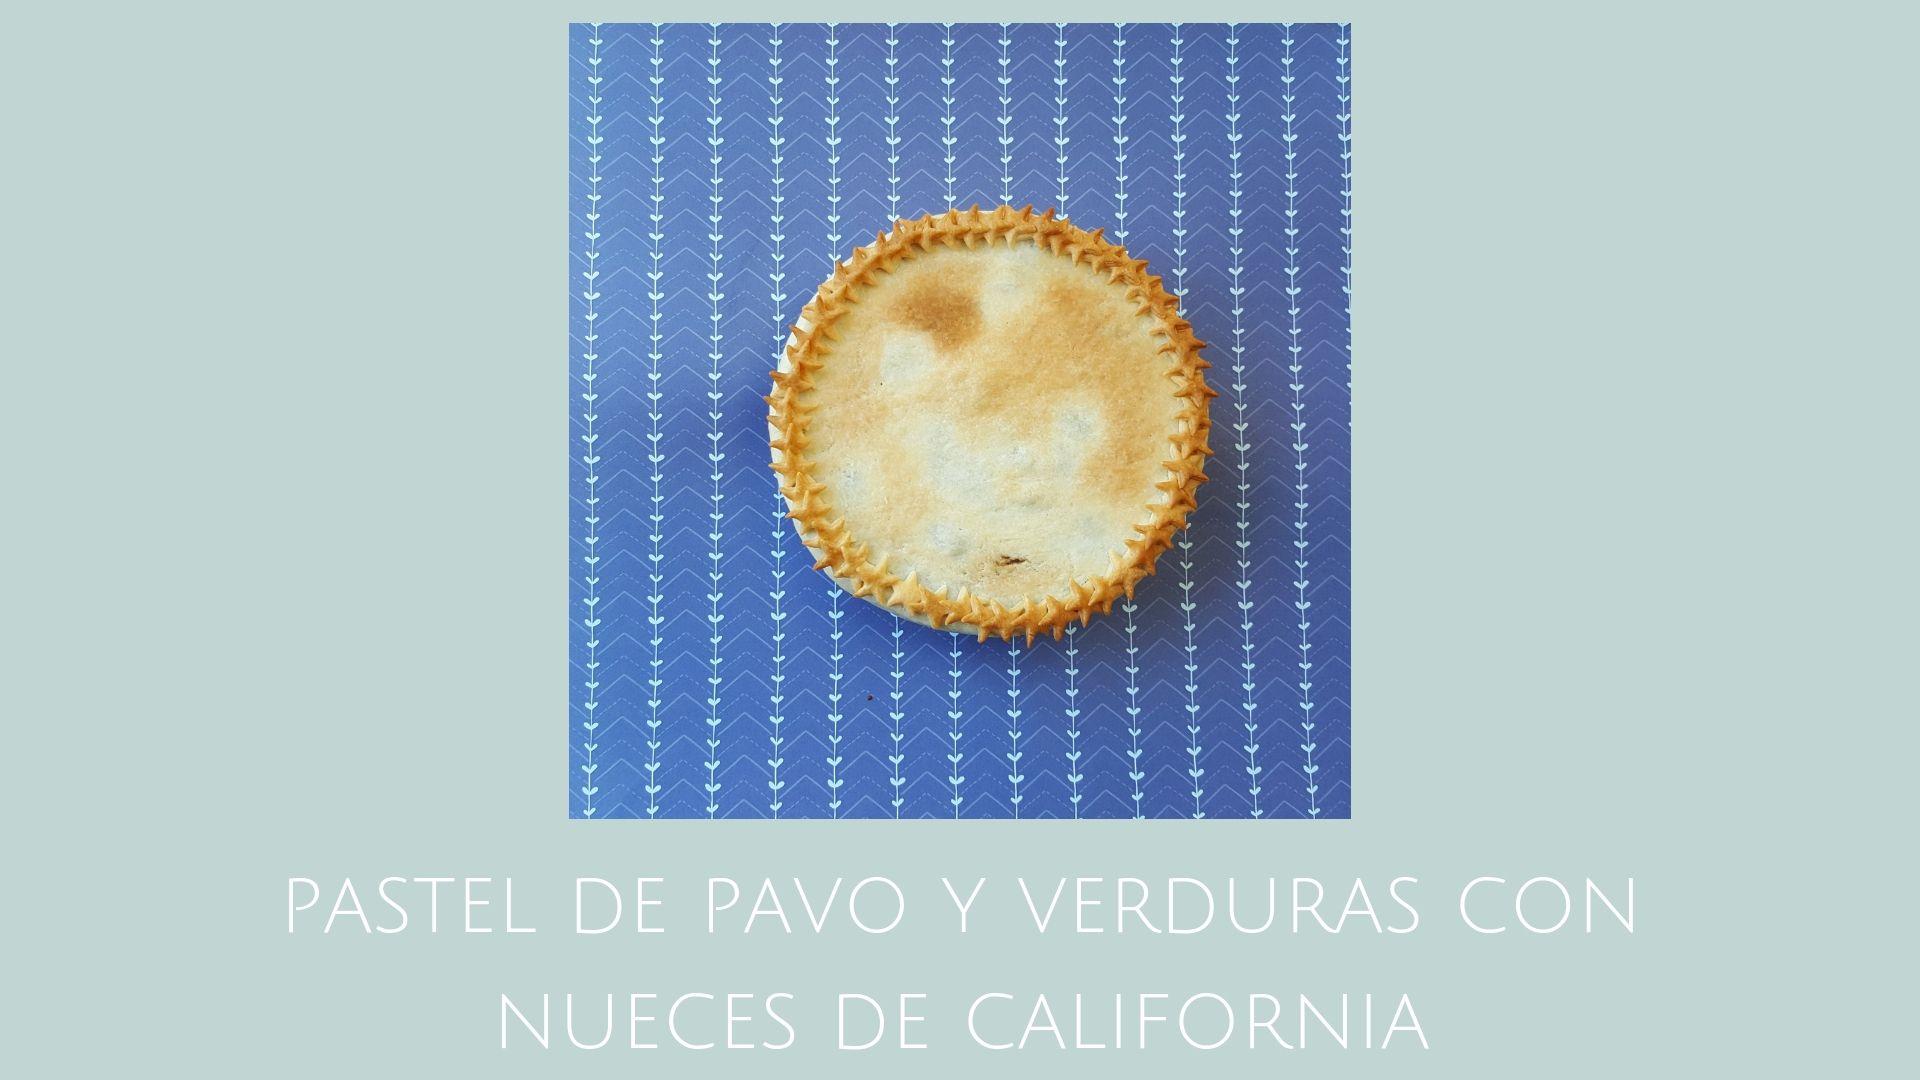 Pastel de pavo de verduras con Nueces de California